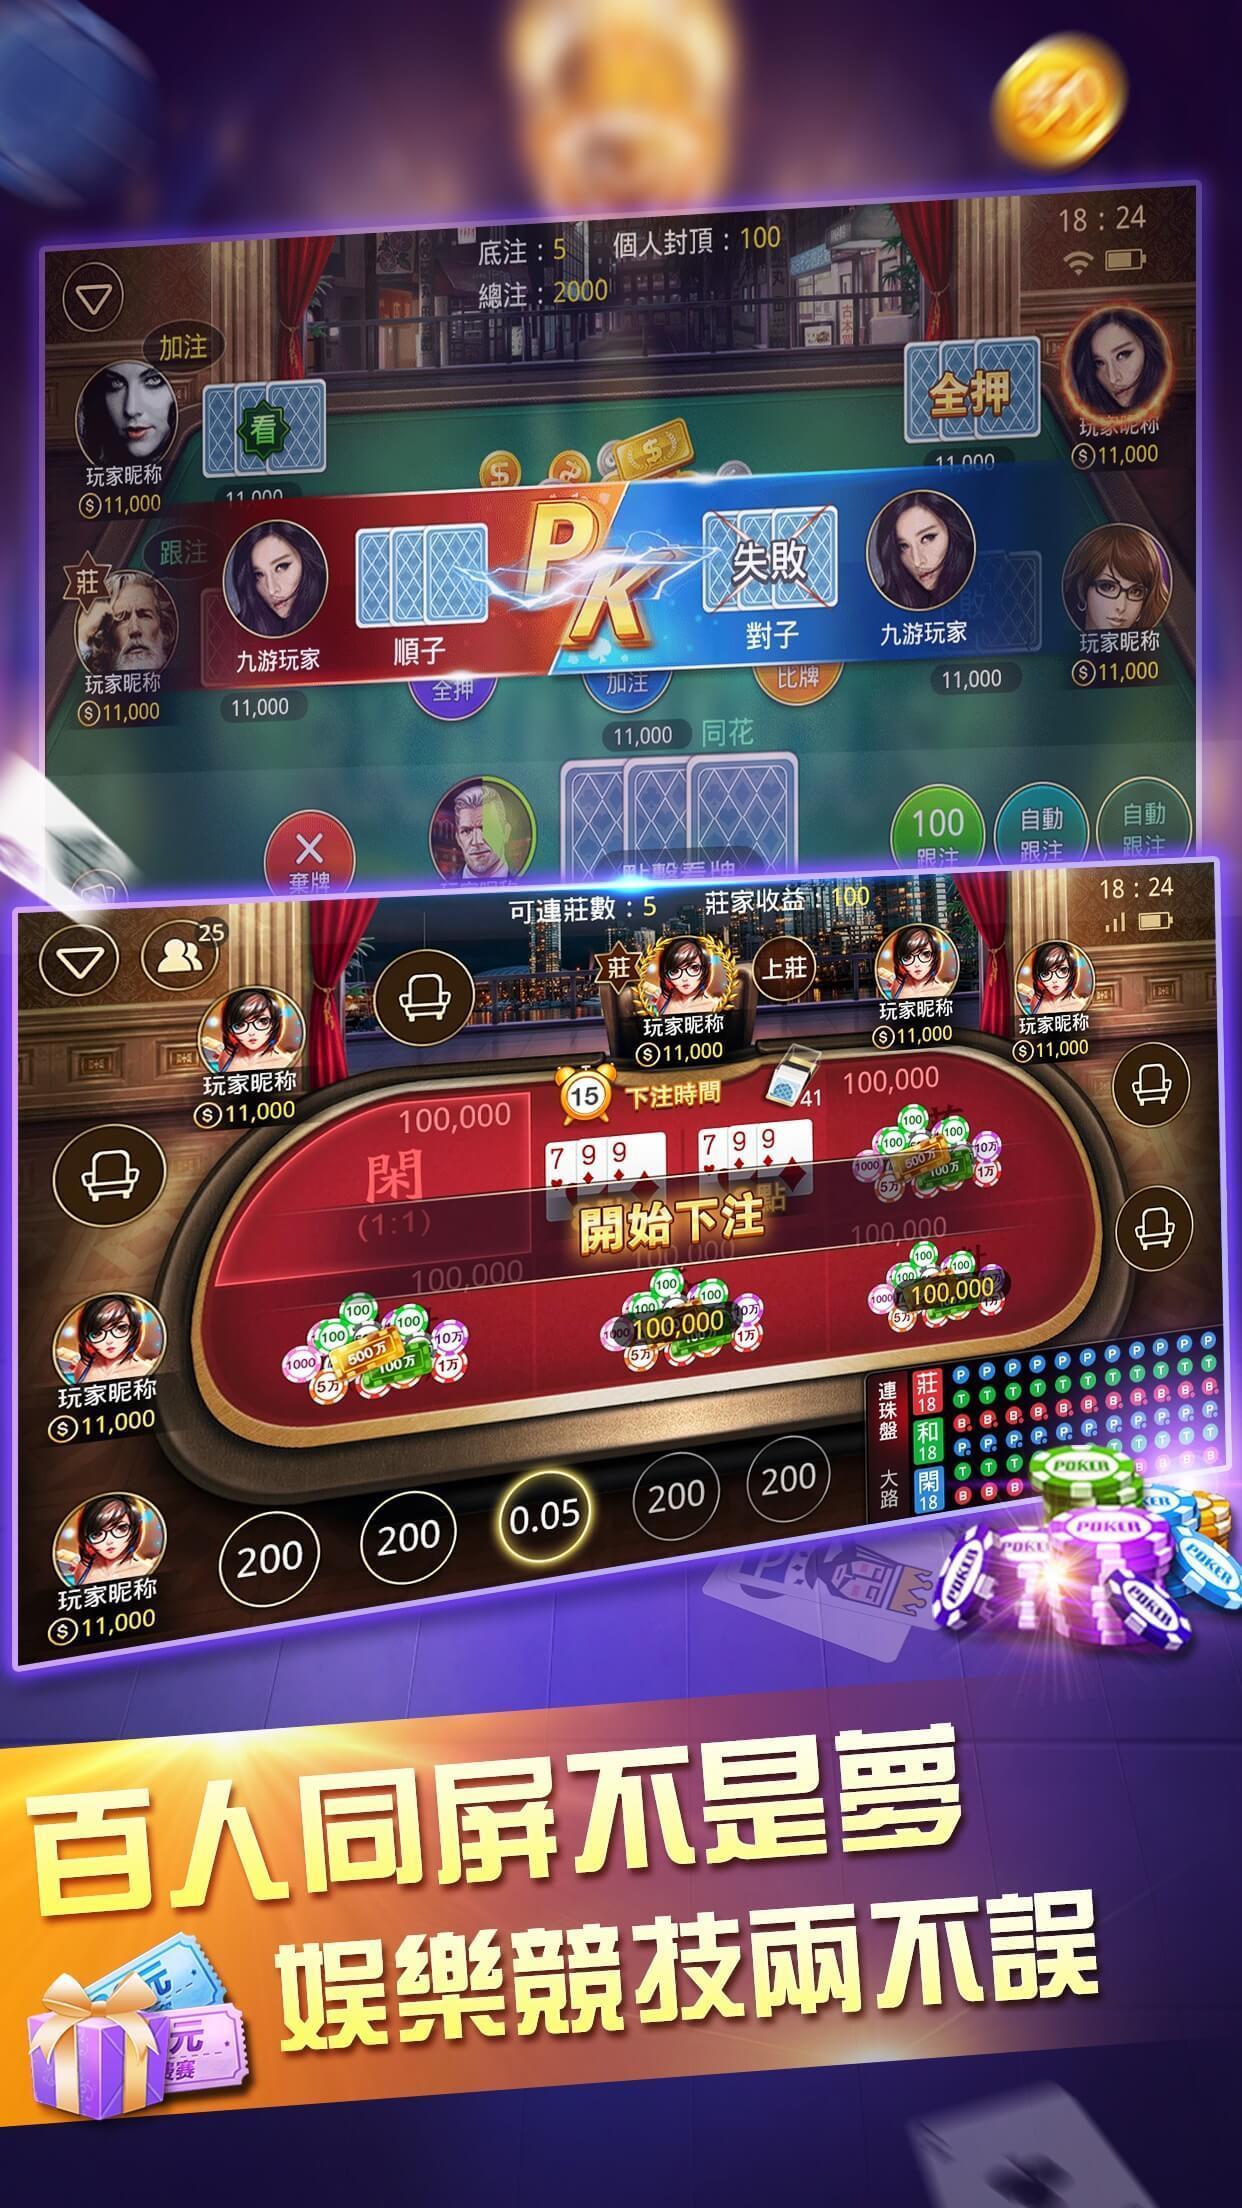 鋤大地、鬥地主合集-快逗遊戲 3.0.0 Screenshot 2